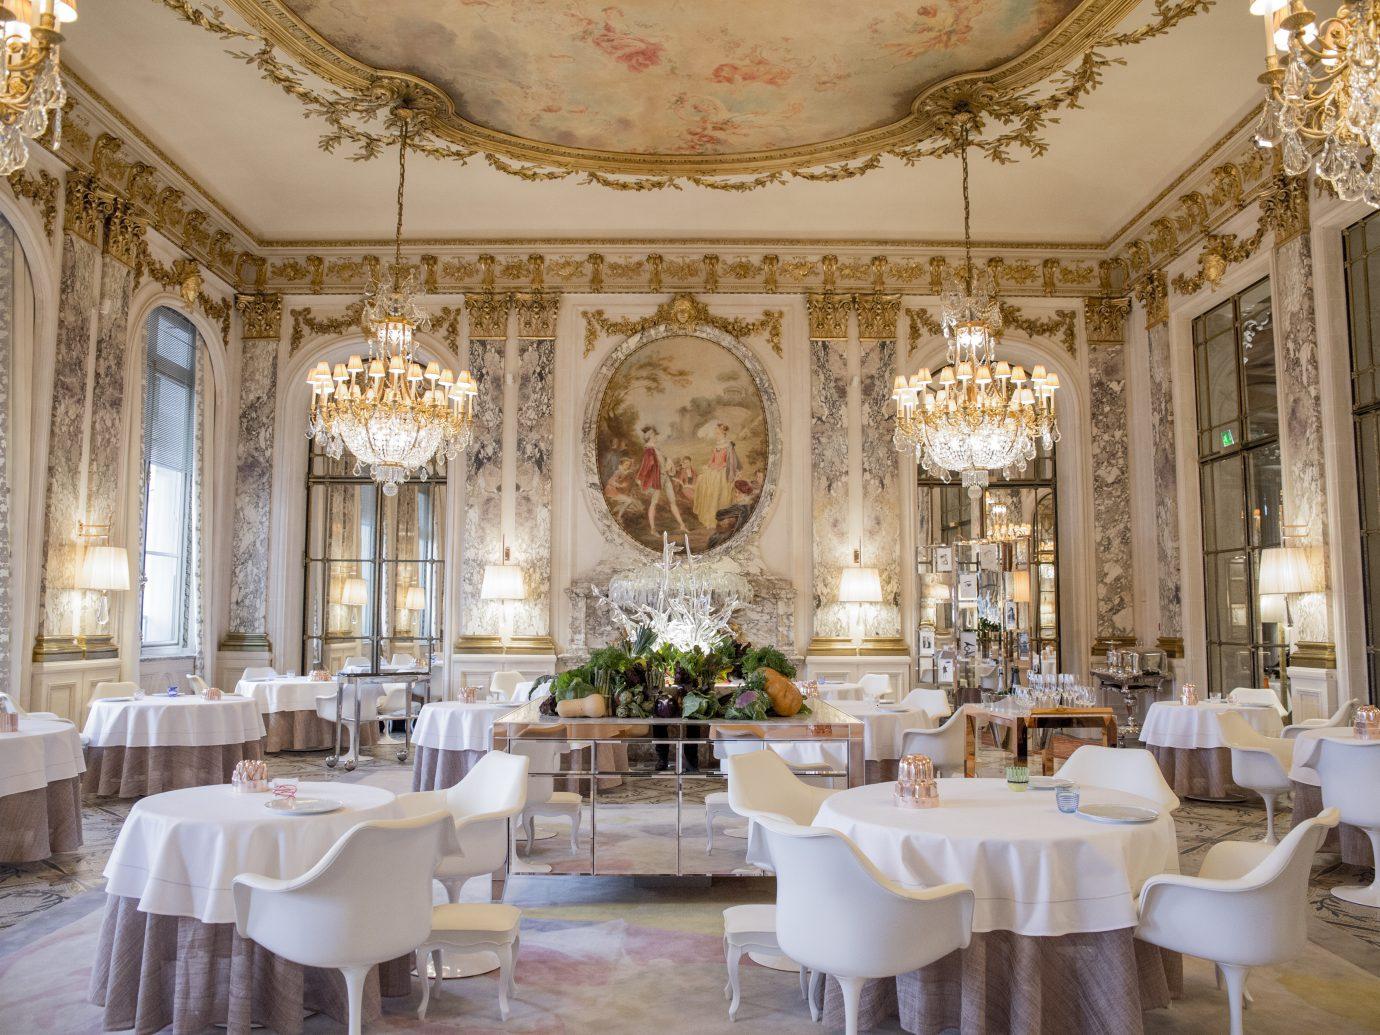 Restaurant at Le Meurice in Paris